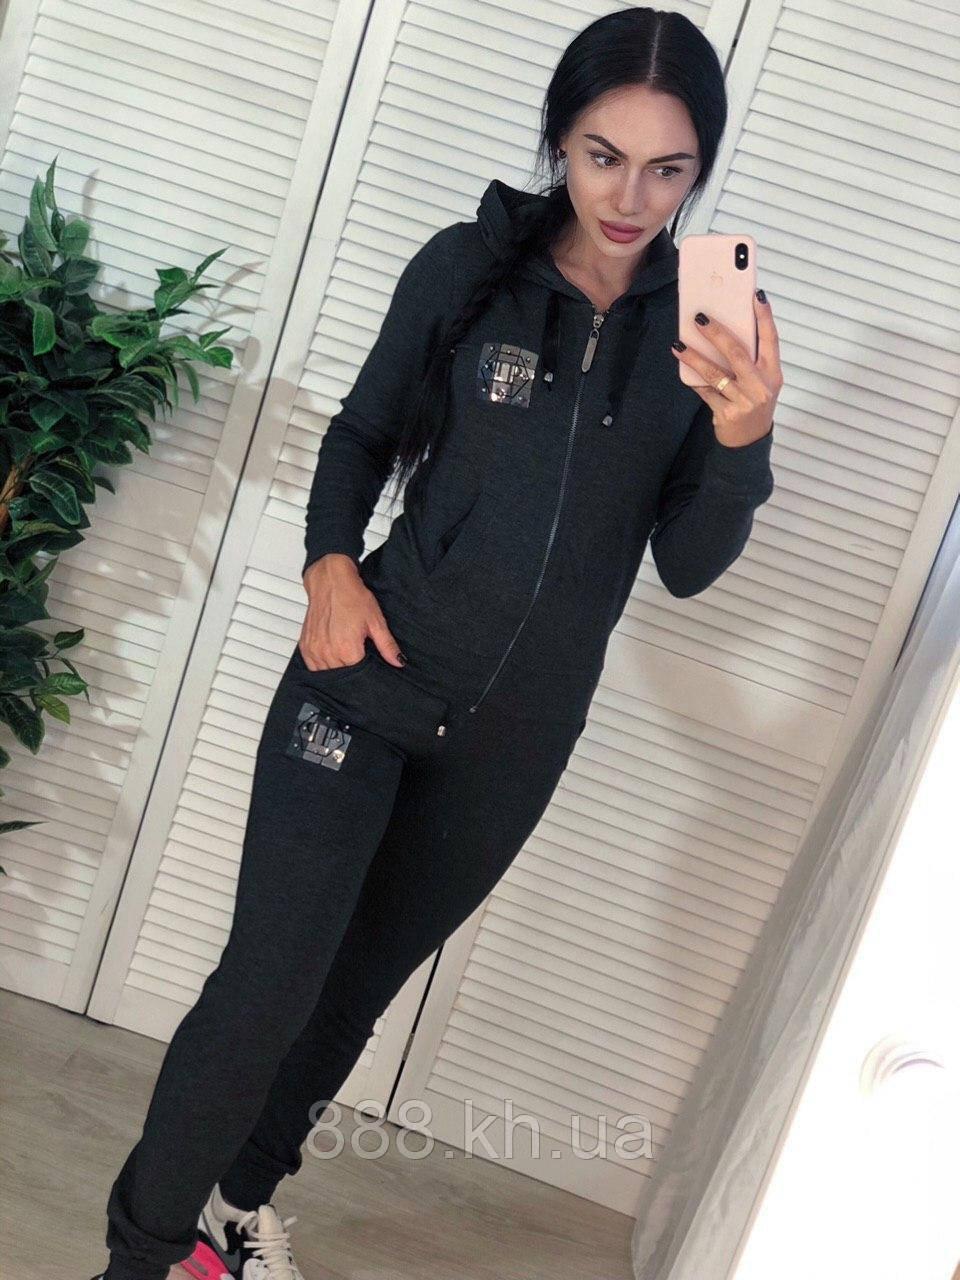 Женский спортивный костюм, турецкий трикотаж, жіночий спорт костюм  S/M/L/XL